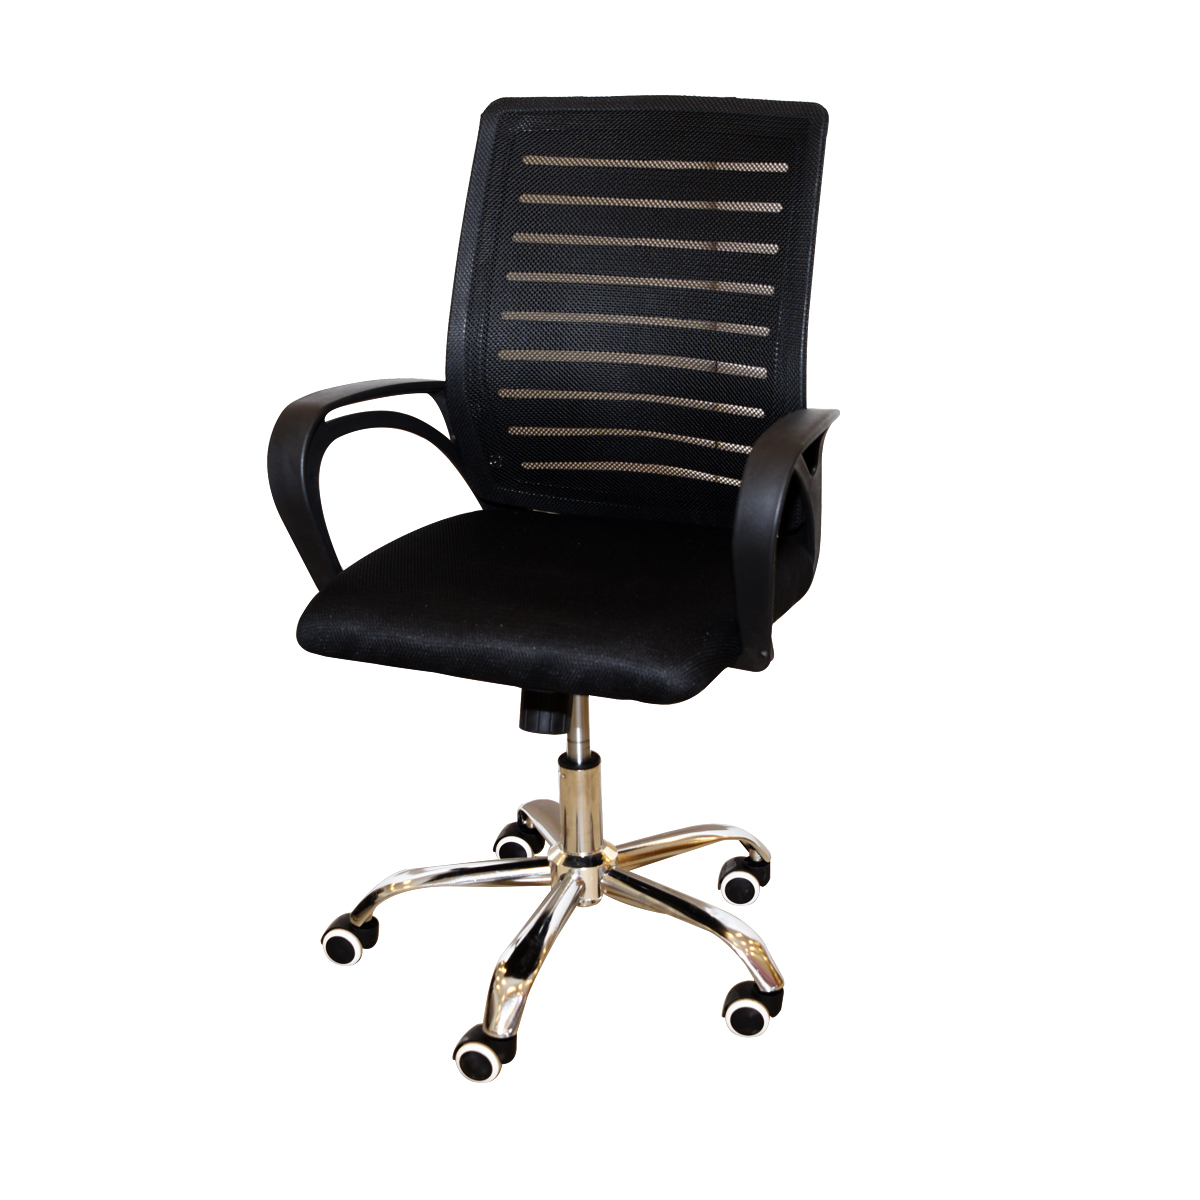 كرسي مكتب متحرك بعجلات لون اسود